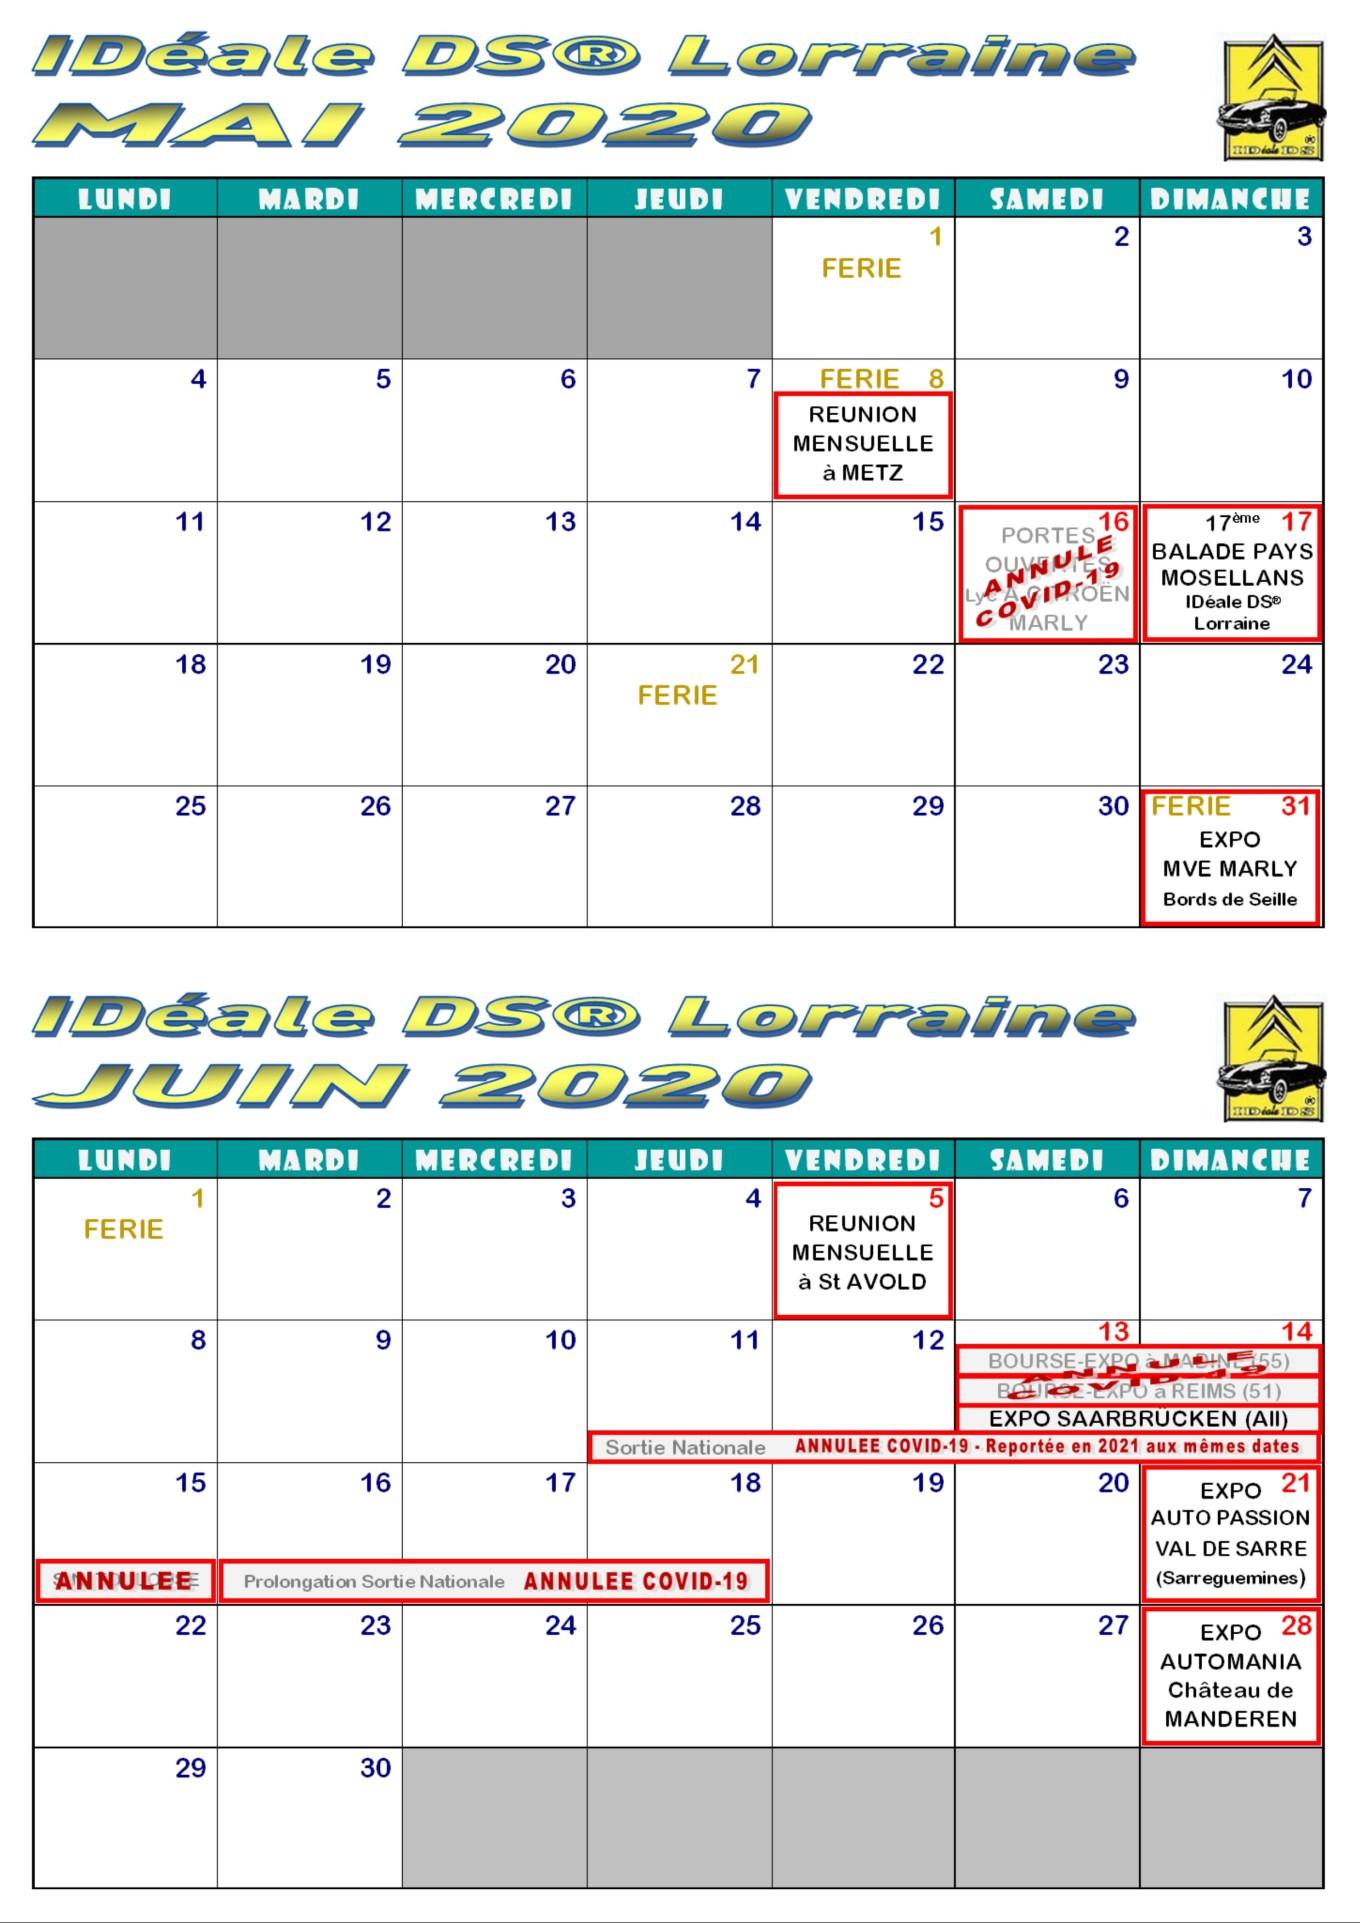 Agenda20_05-06-6